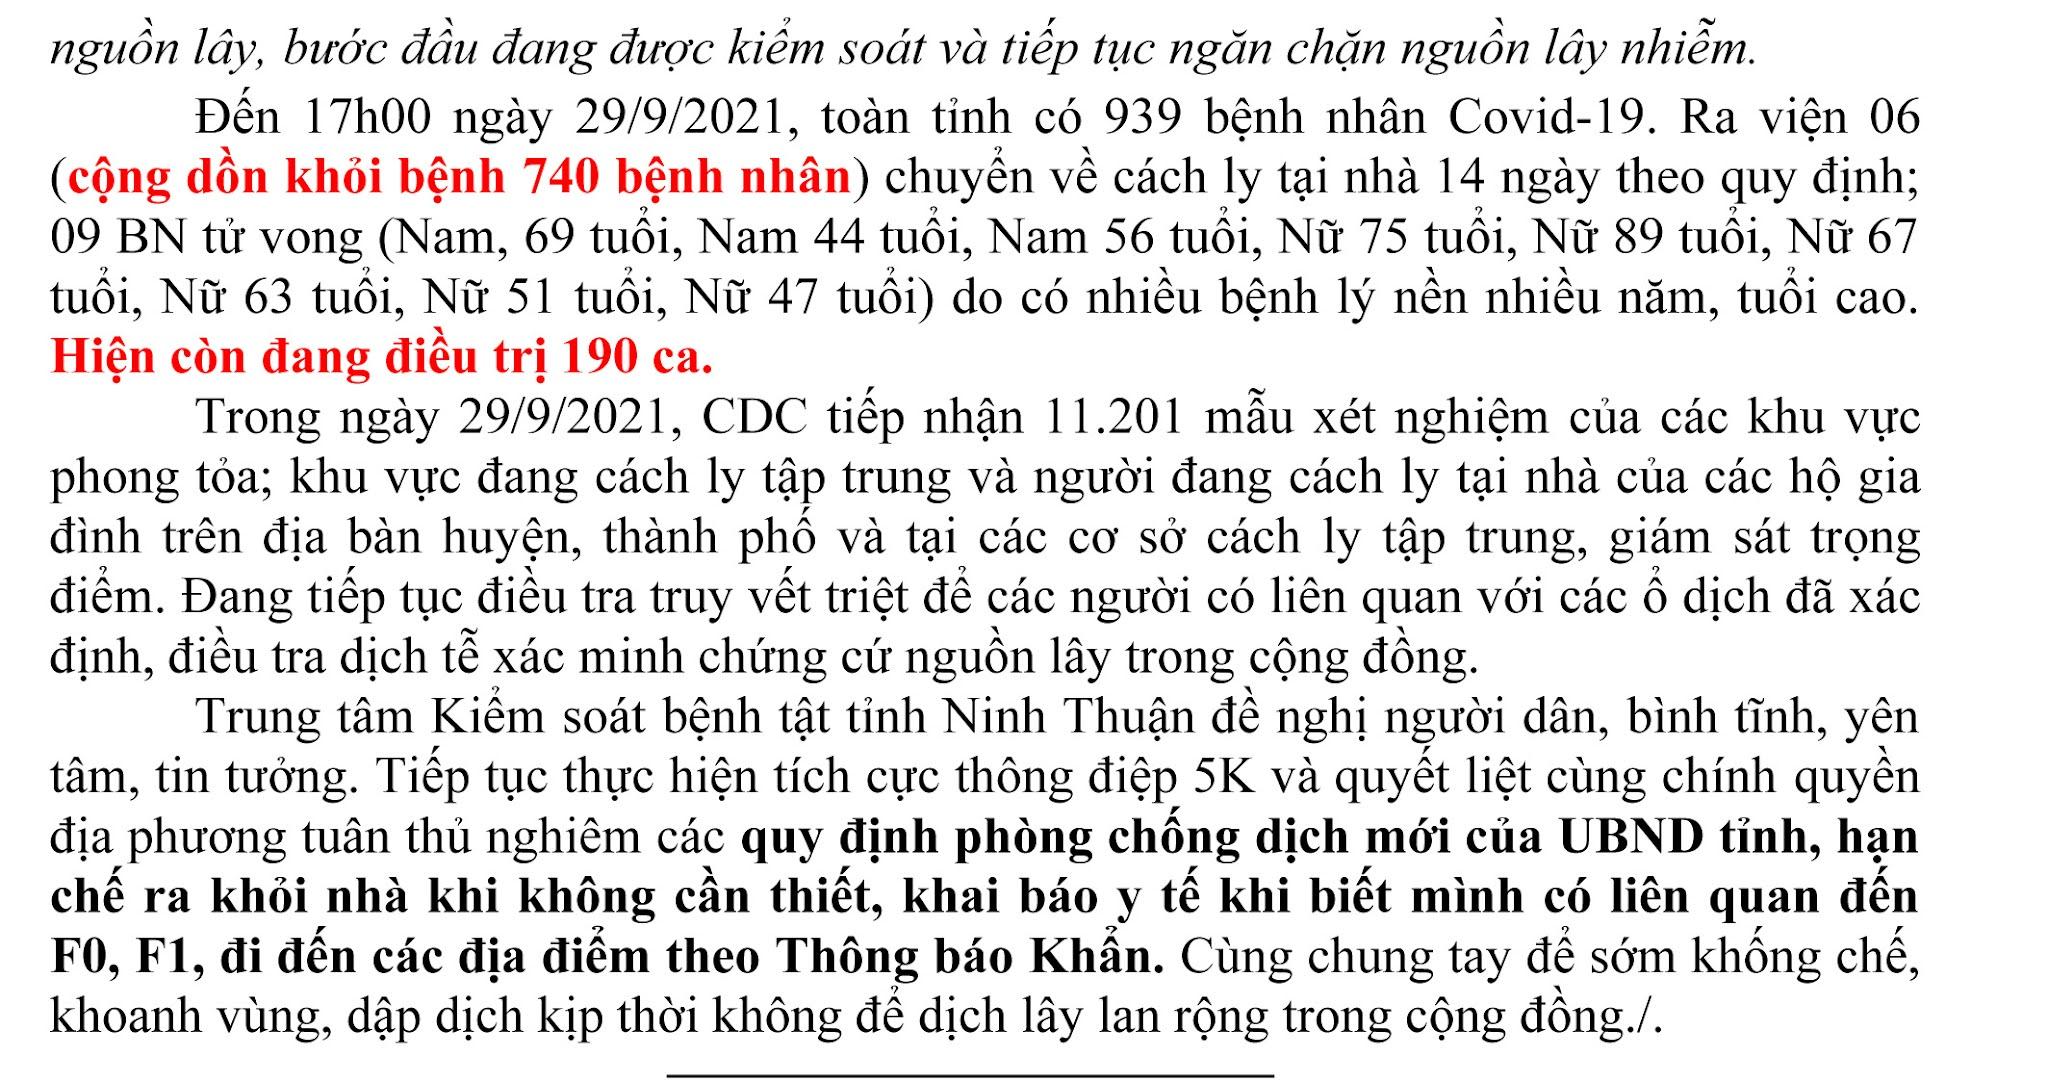 Ngày 29-9 Ninh Thuận ghi nhận 14 ca mắc Covid-19 mới trên địa bàn tỉnh